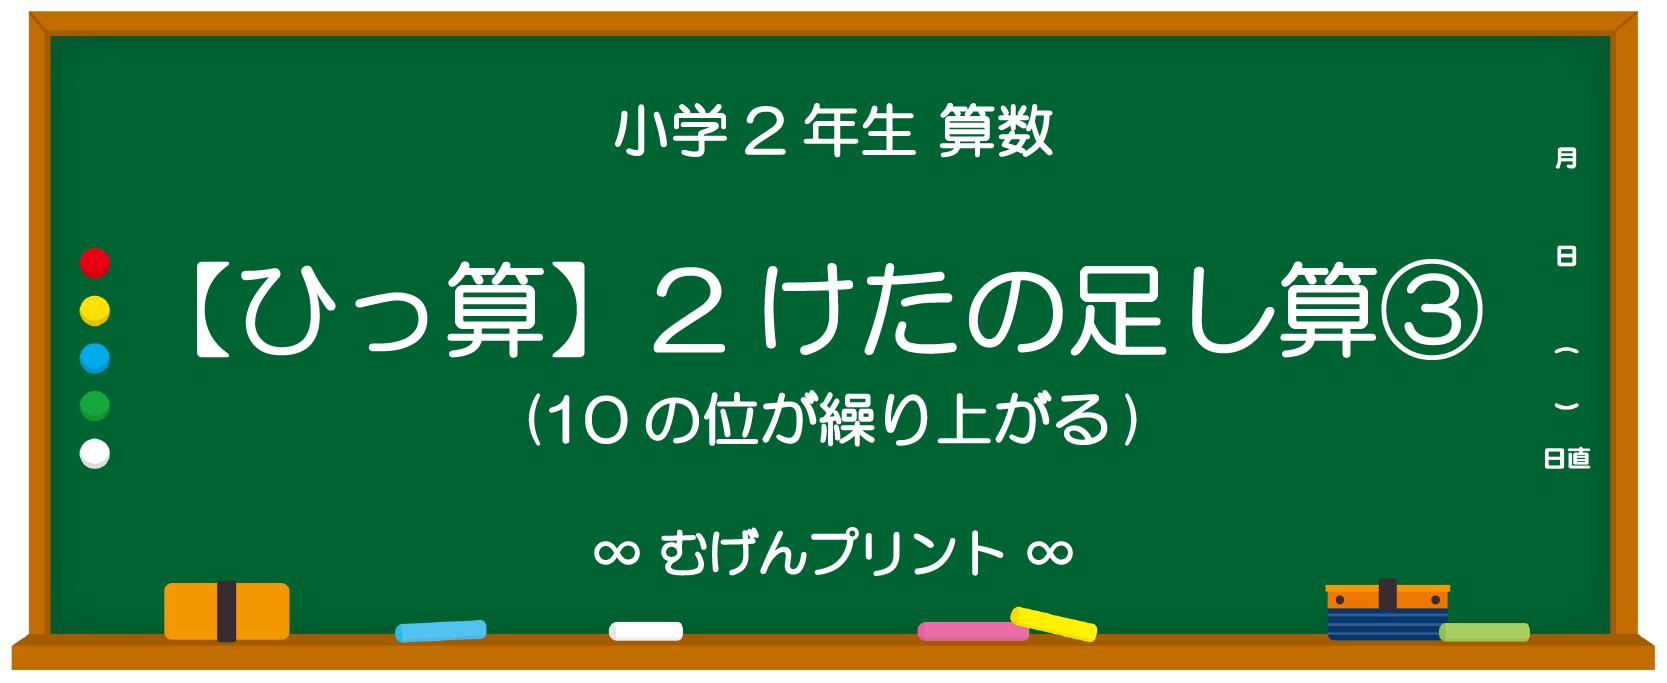 【小2 算数 無料プリント/ミニテスト/ドリル】【ひっ算】2けたの足し算③(10の位が繰り上がる)